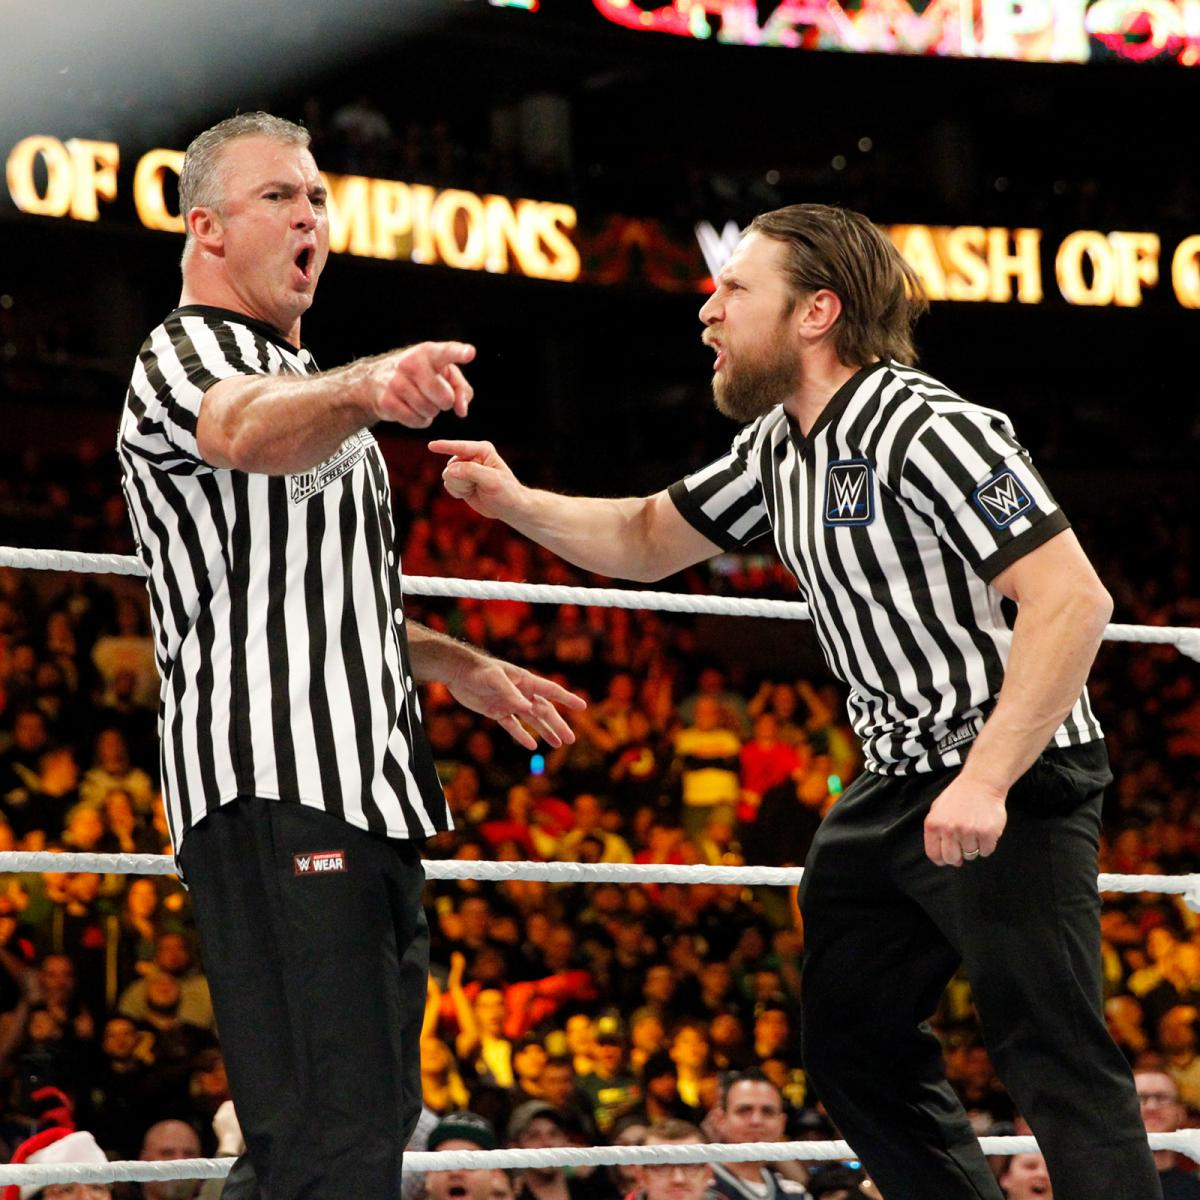 WWE NEWS: डेनियल ब्रायन ने रिंग में कर दिया कुछ ऐसा जिससे साबित हो गया कि जल्द करेंगे अपनी रिंग वापसी 31